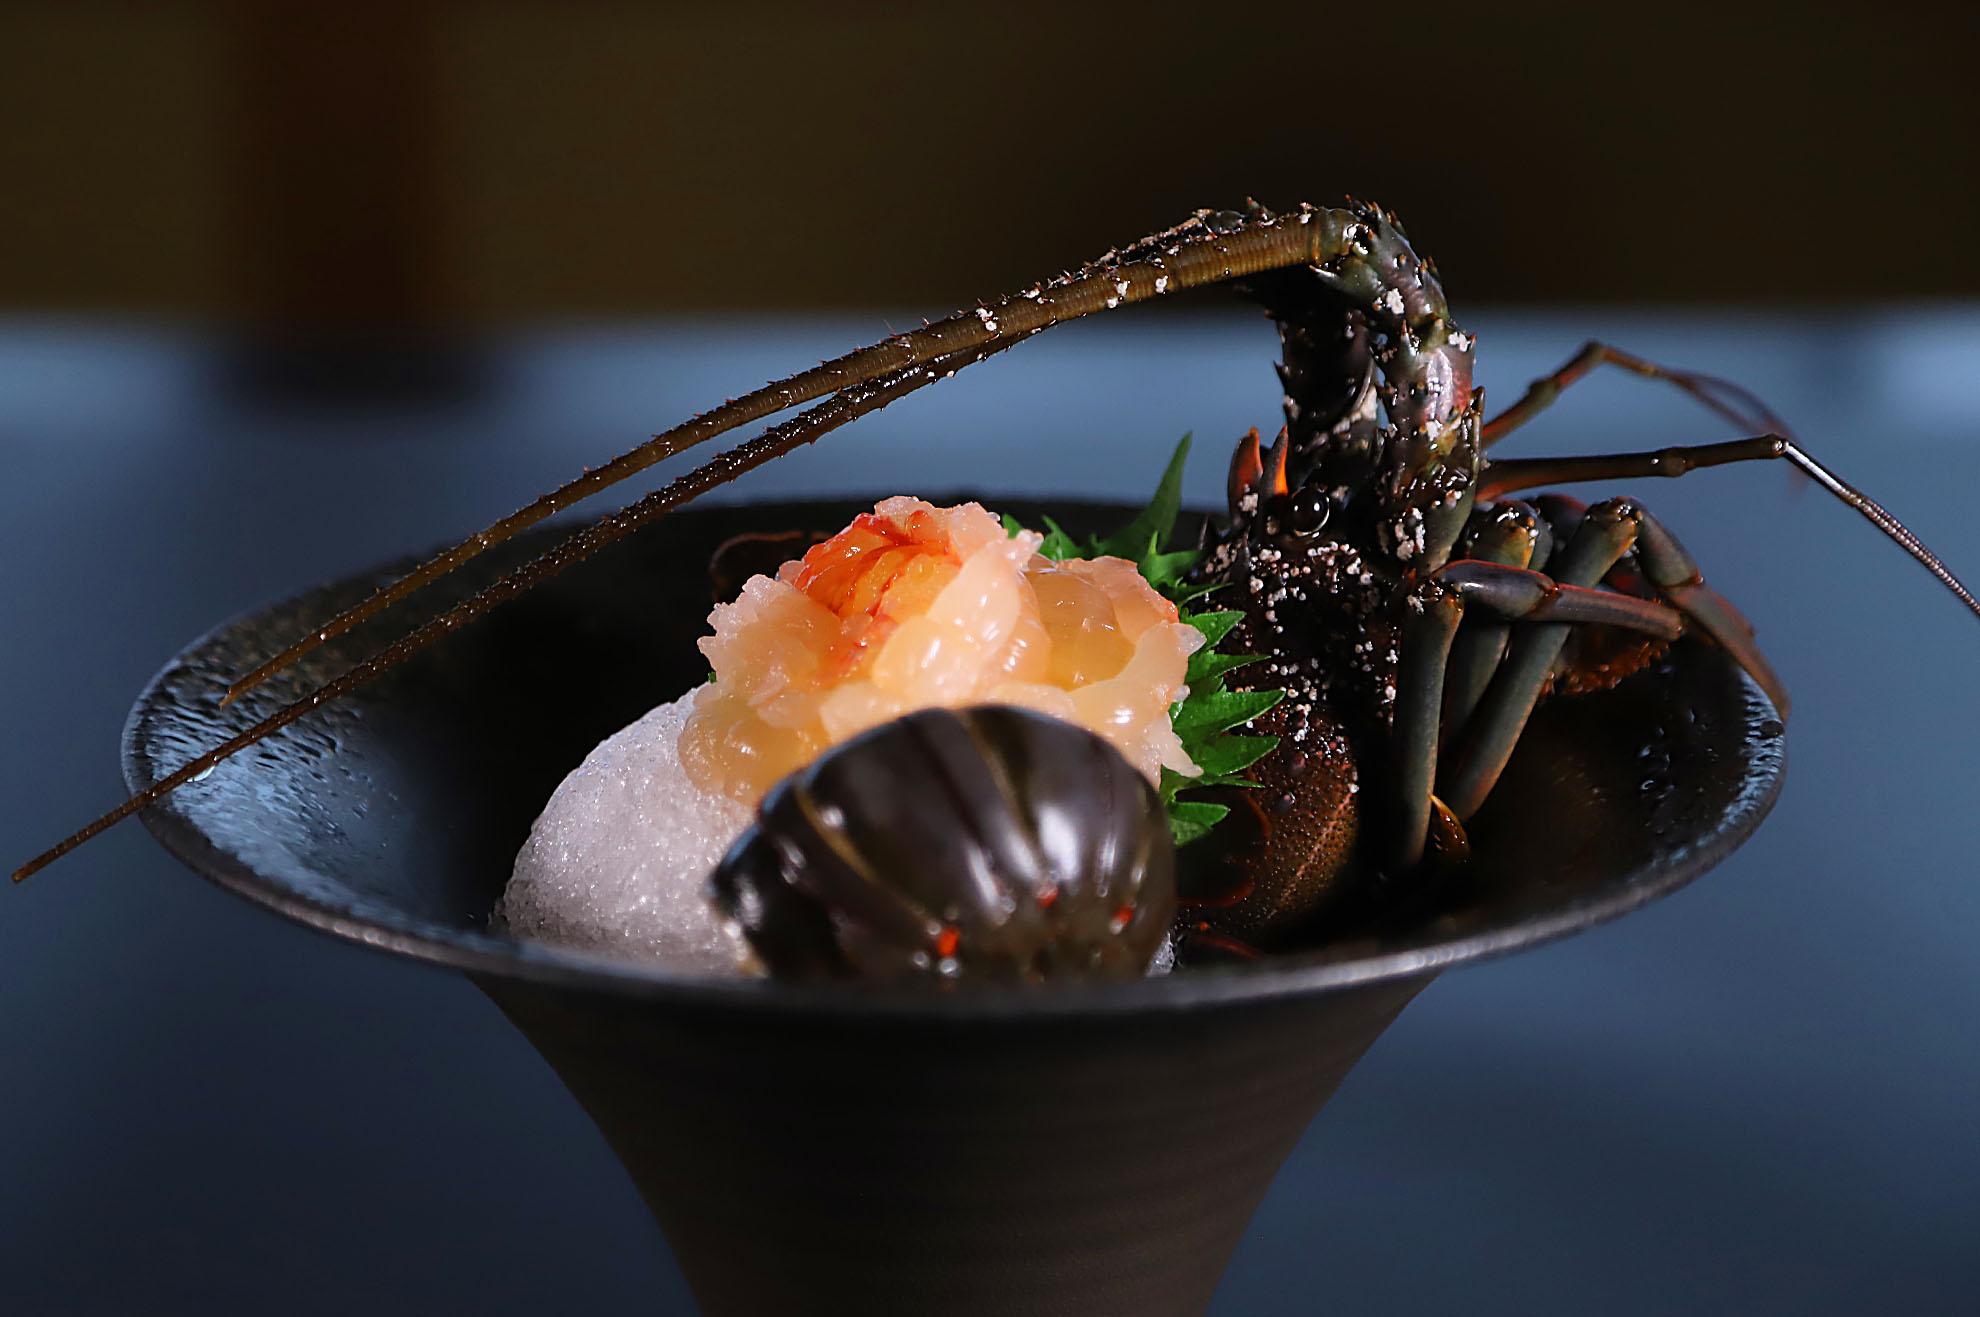 夢遊華(ゆめゆうか)伊勢海老料理